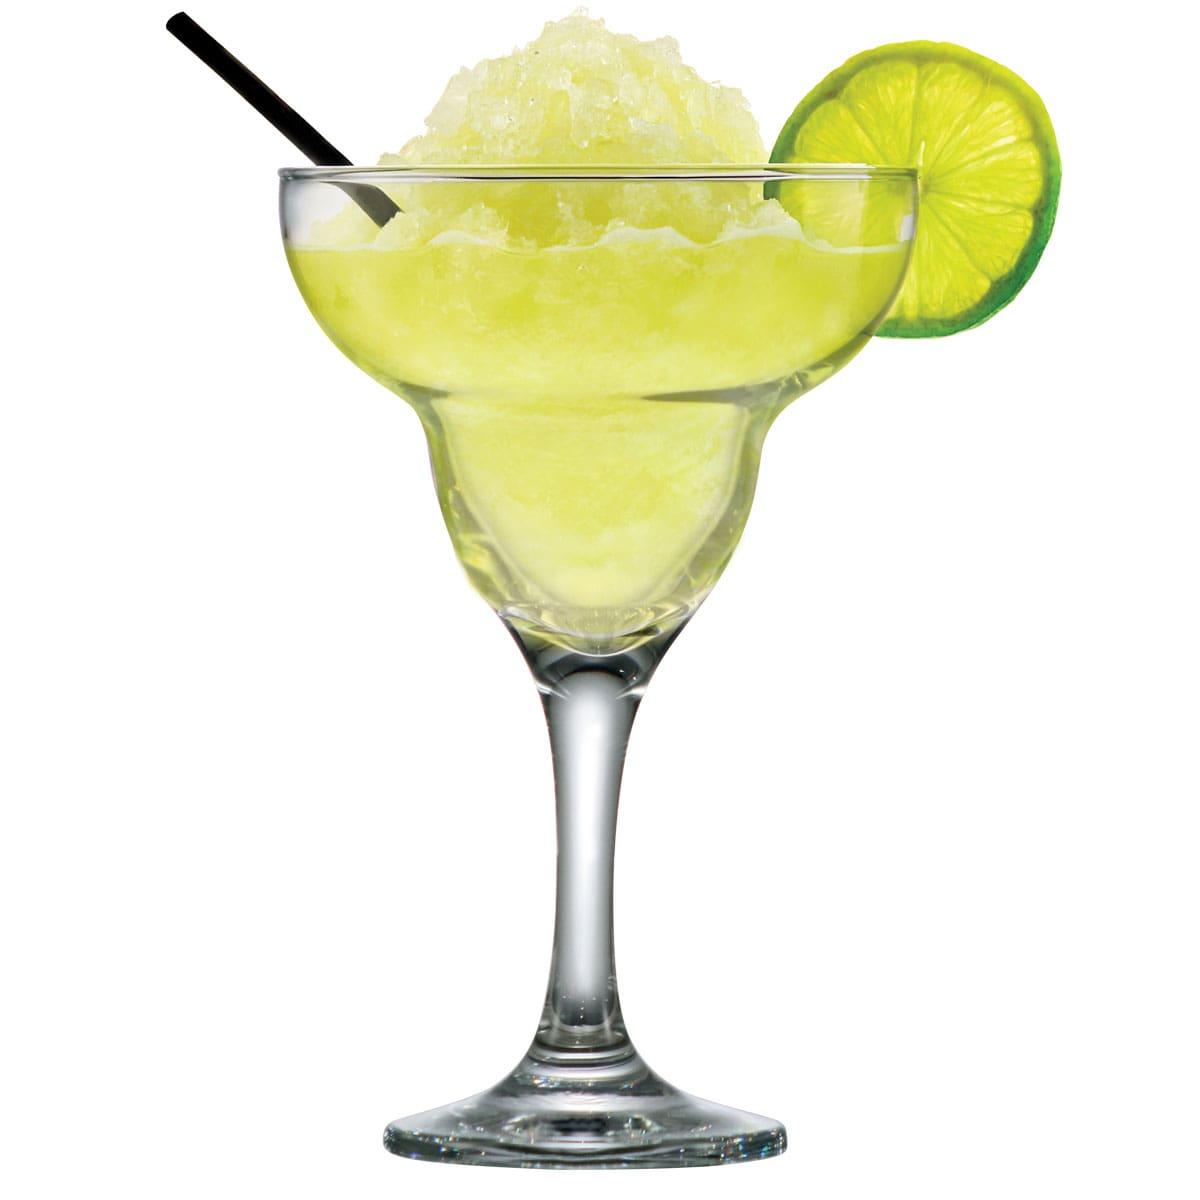 Taça de Vidro Margarita 300ml R$11.17 a unid. (Caixa com 24 unidades)